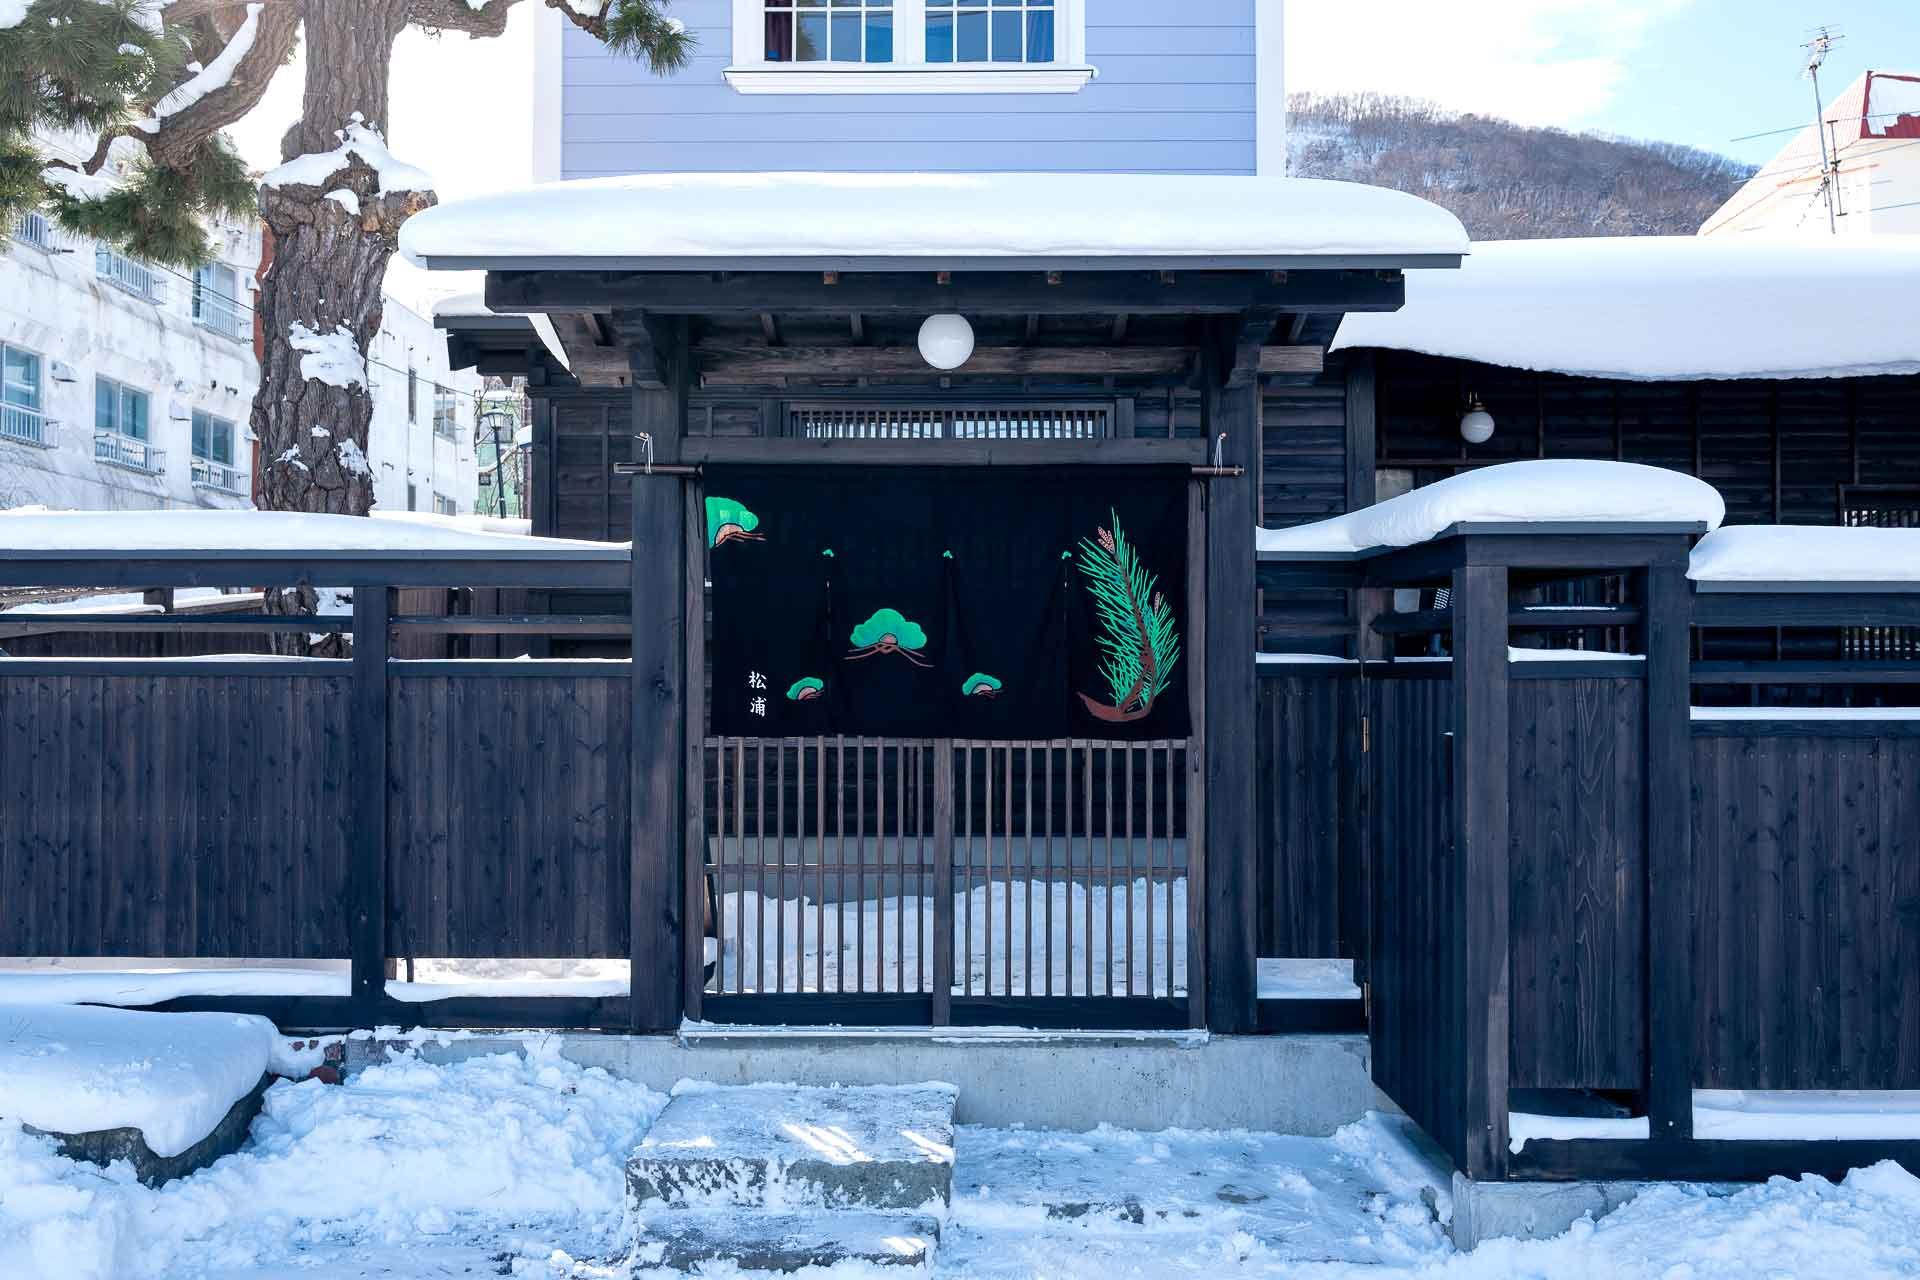 のれんの表札がかけられた松浦さんのご自宅。2階部分が洋風、1階部分が和風という函館特有の和洋建築造り